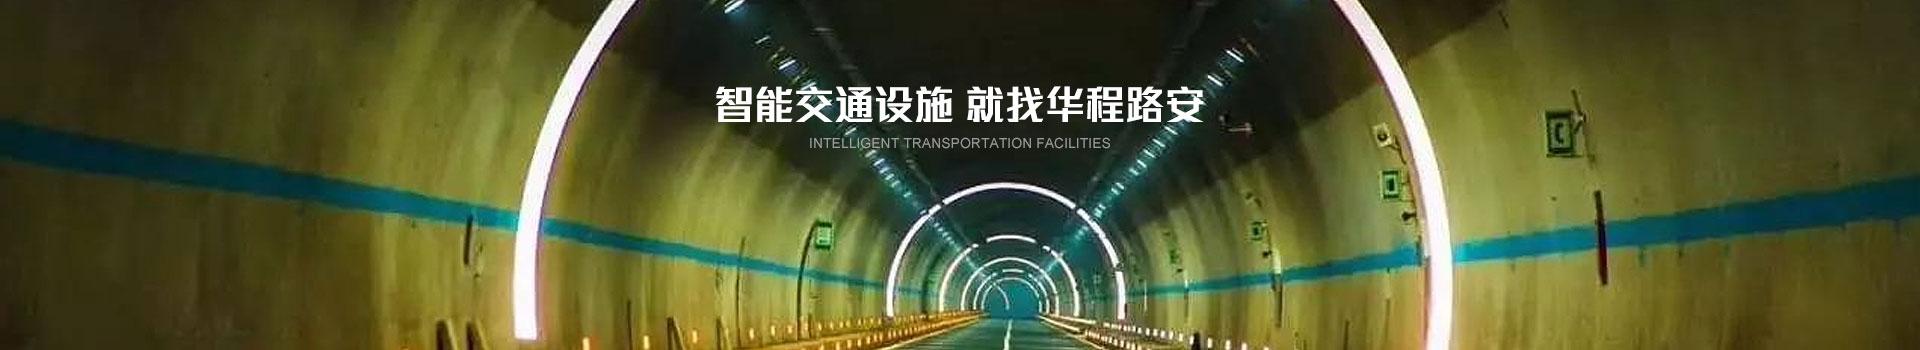 智能交通设施,就找华程路安